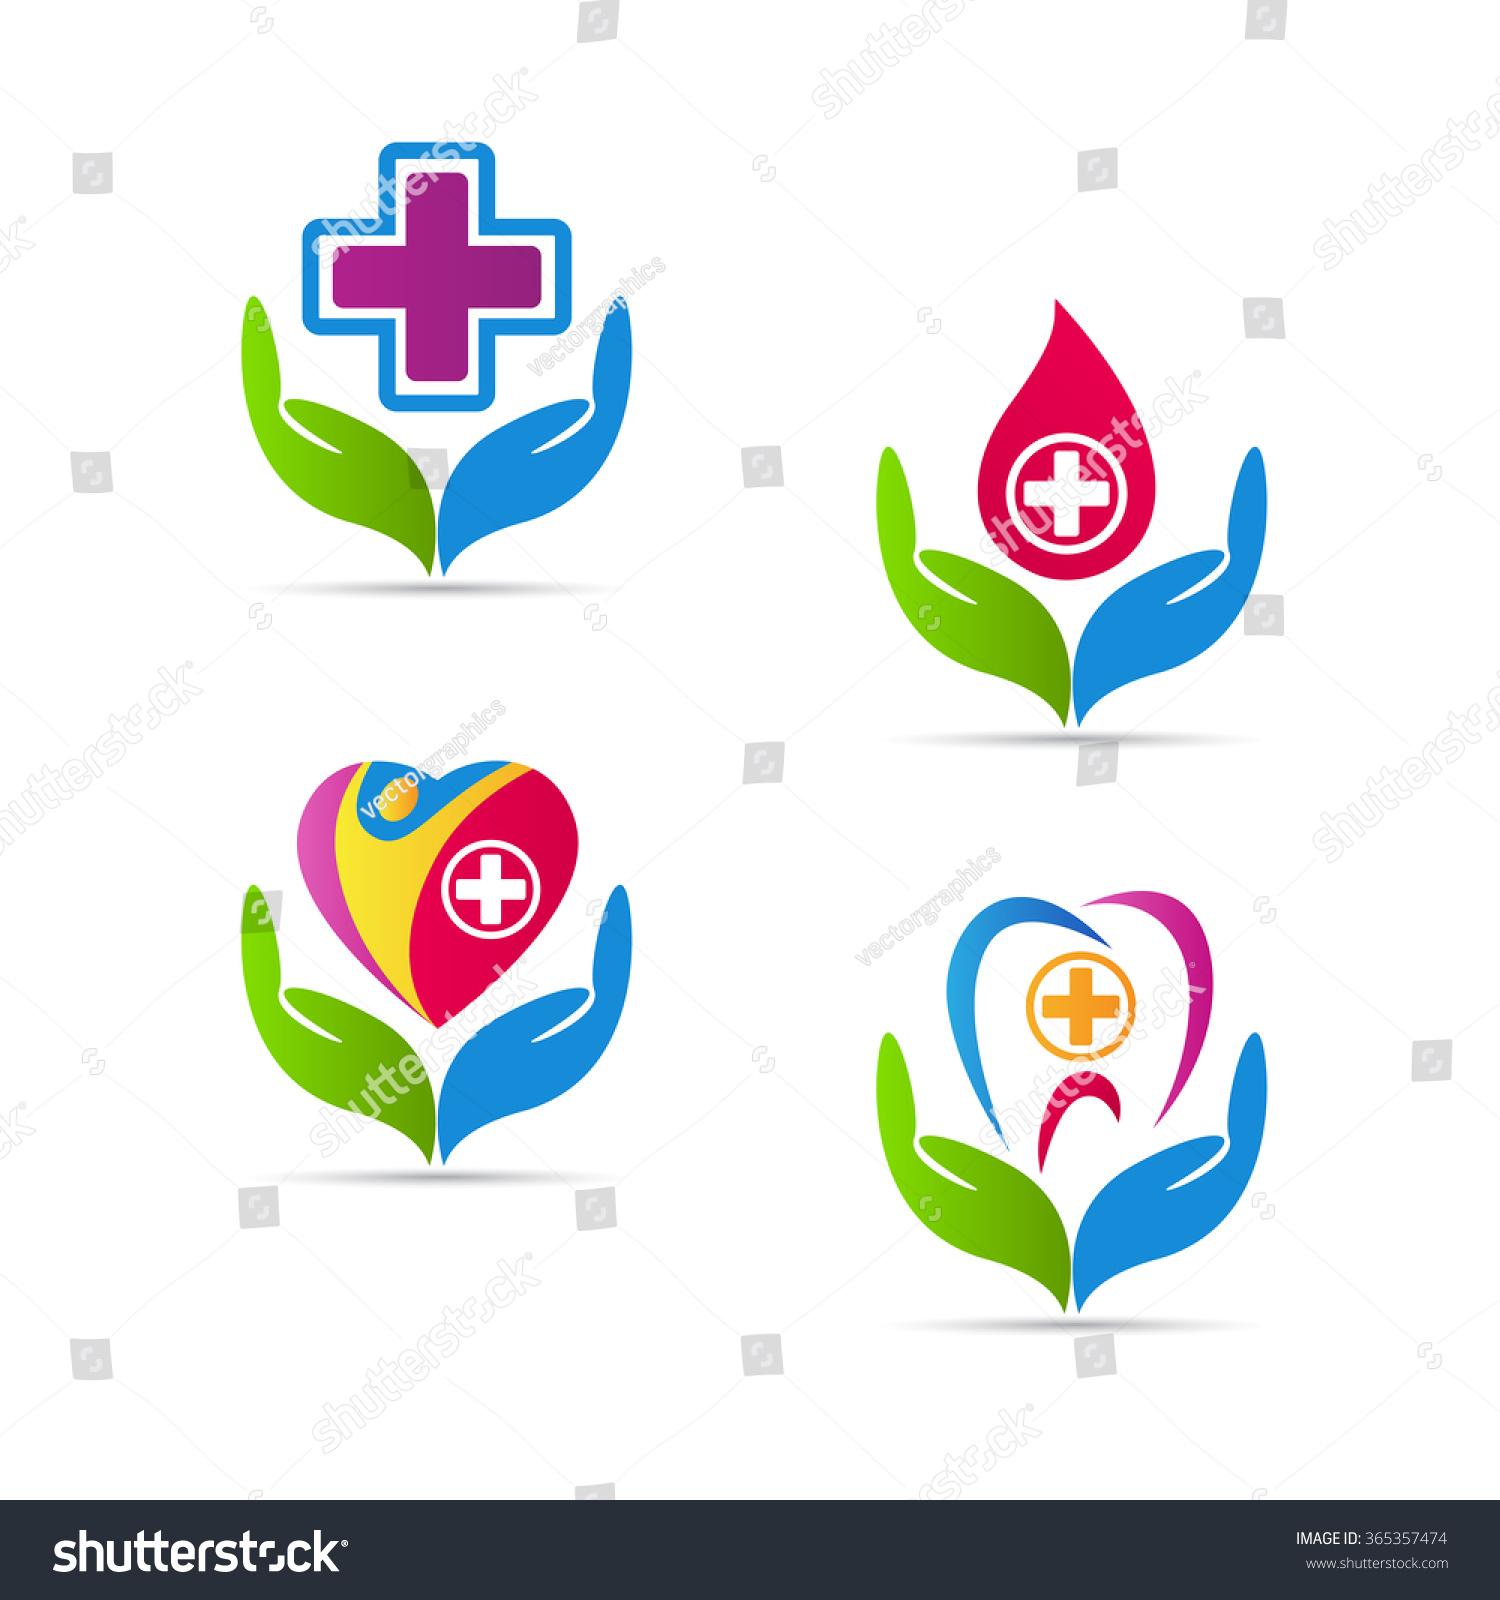 Care Logos Vector Design Represents Health Stock Vector